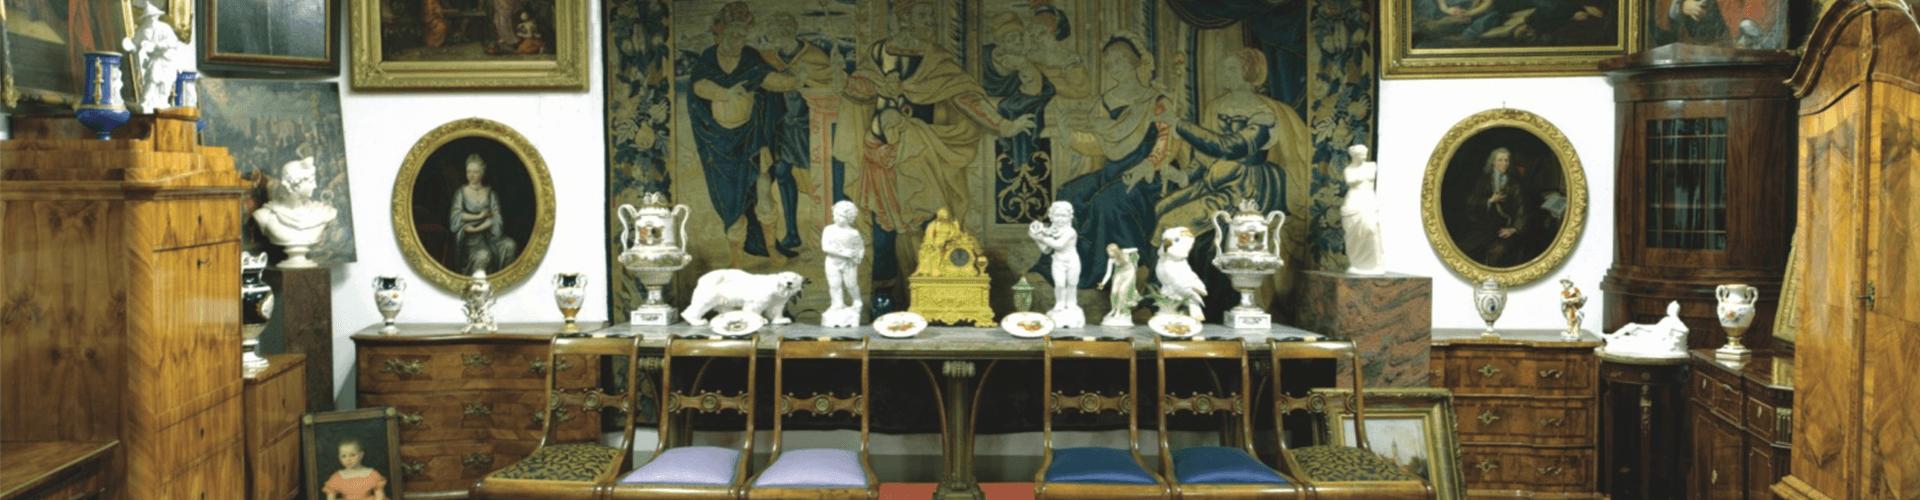 Antiquitäten Ankauf Berlin